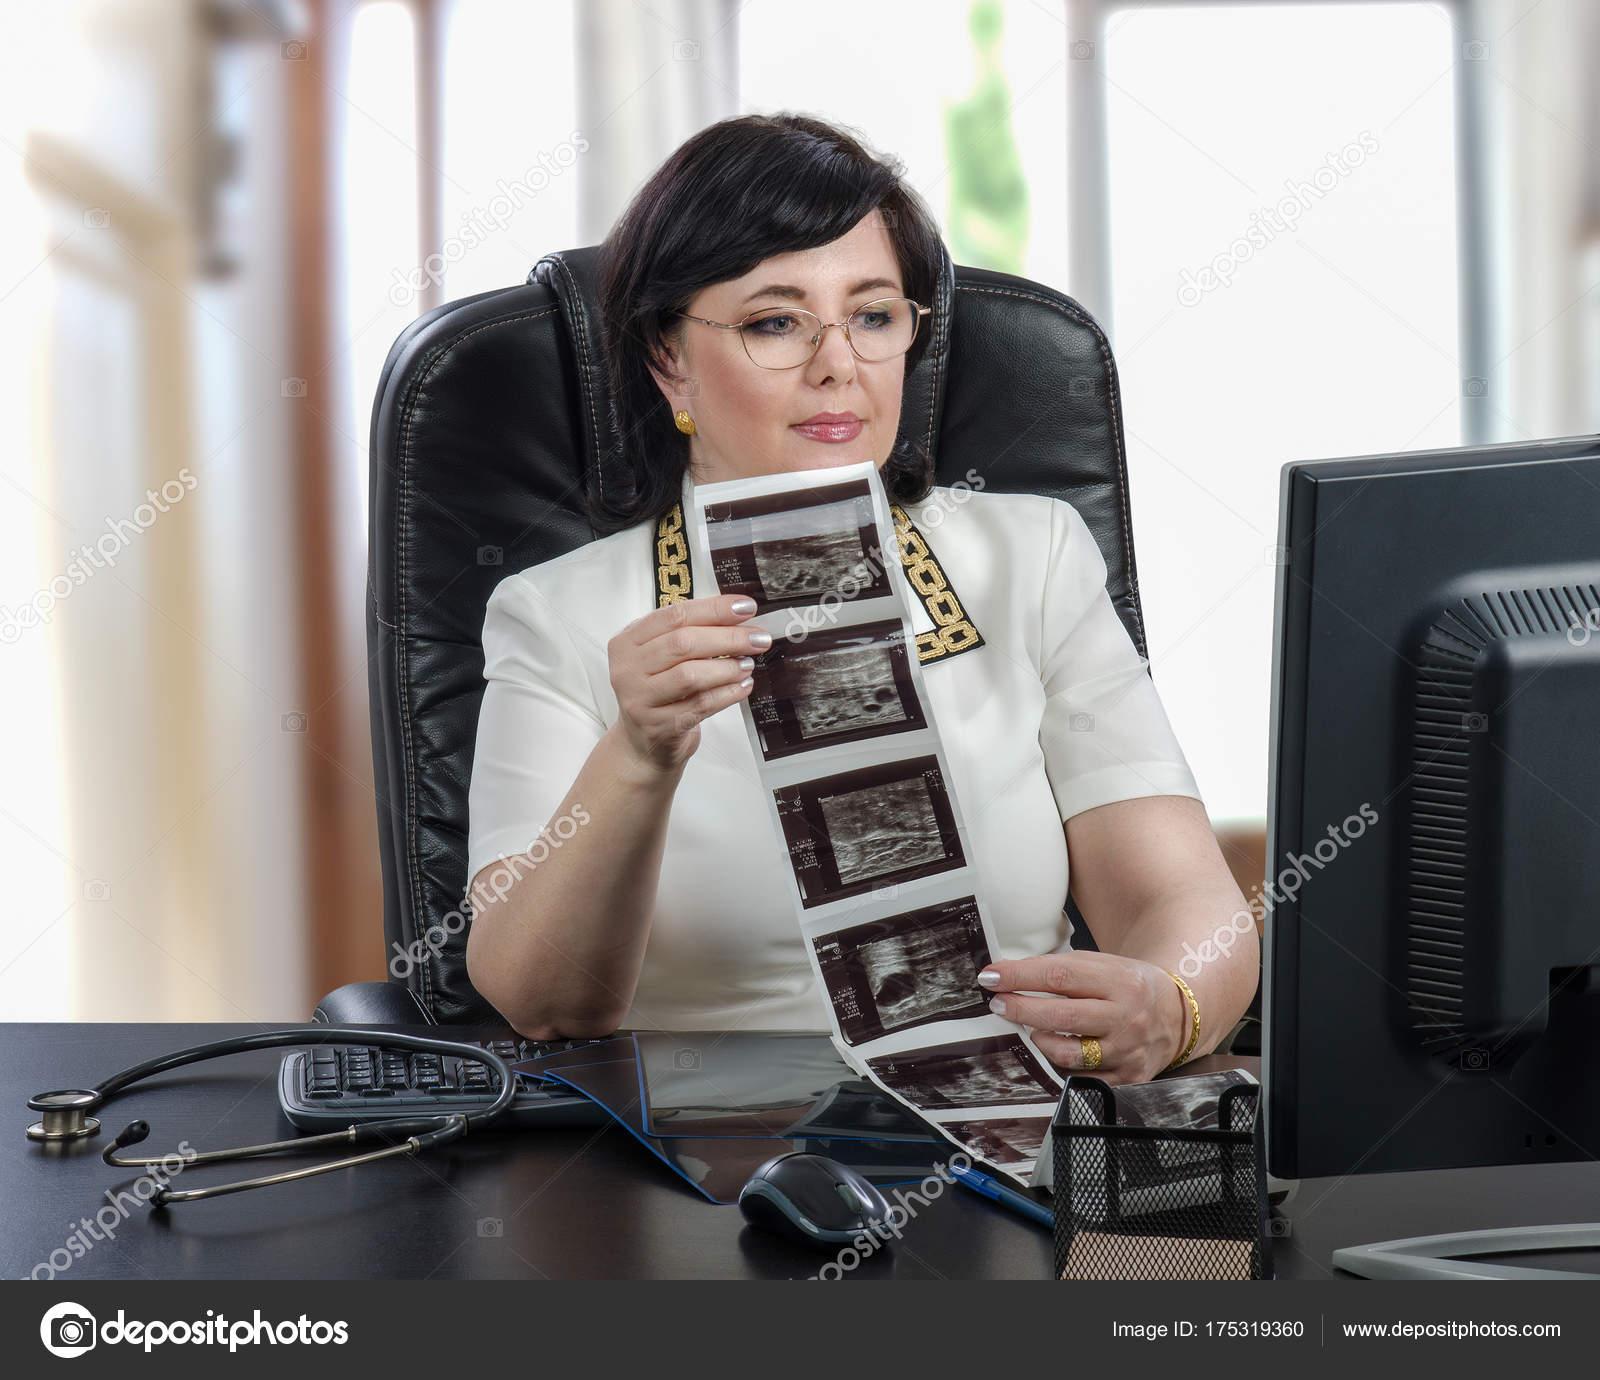 2a6a9f234eaf Τηλεϊατρική ιατρός ντυμένος μια λευκή μπλούζα που κάθεται στο μαύρο γραφείο  στο γραφείο — Εικόνα από ...